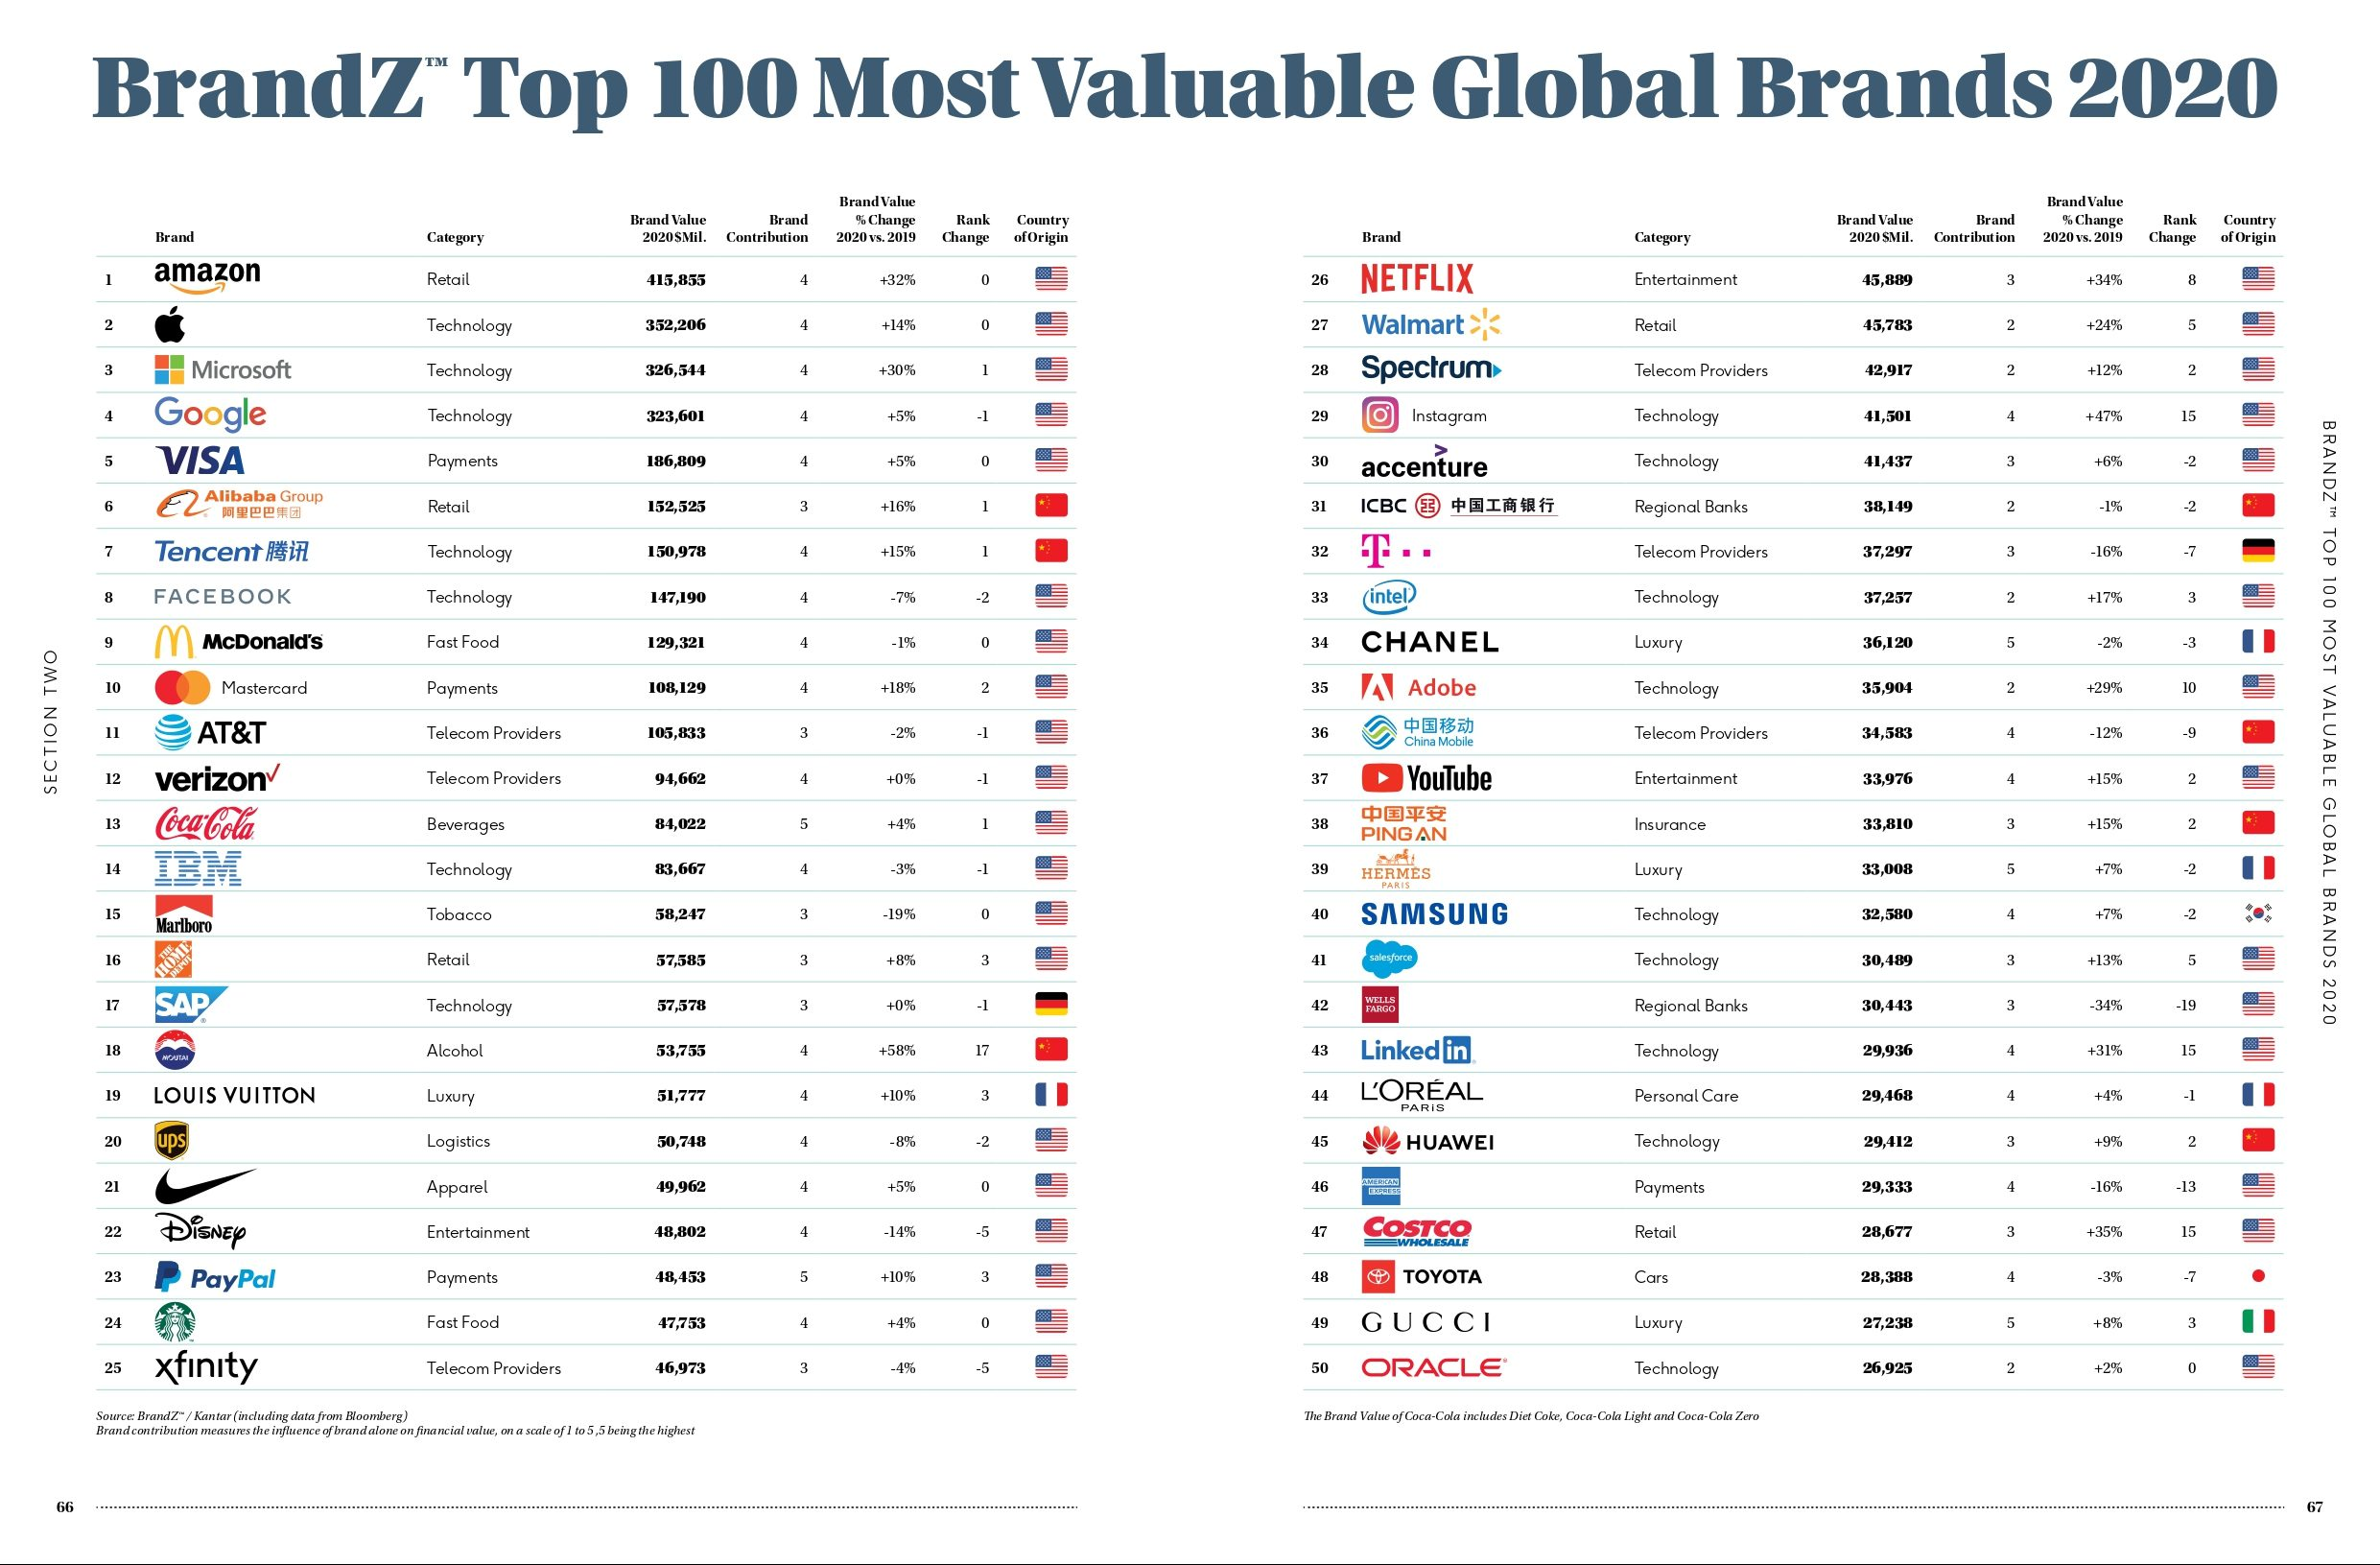 Xiaomi se adentra un año más entre las 100 marcas más valiosas del mundo. noticias Xiaomi Adictos